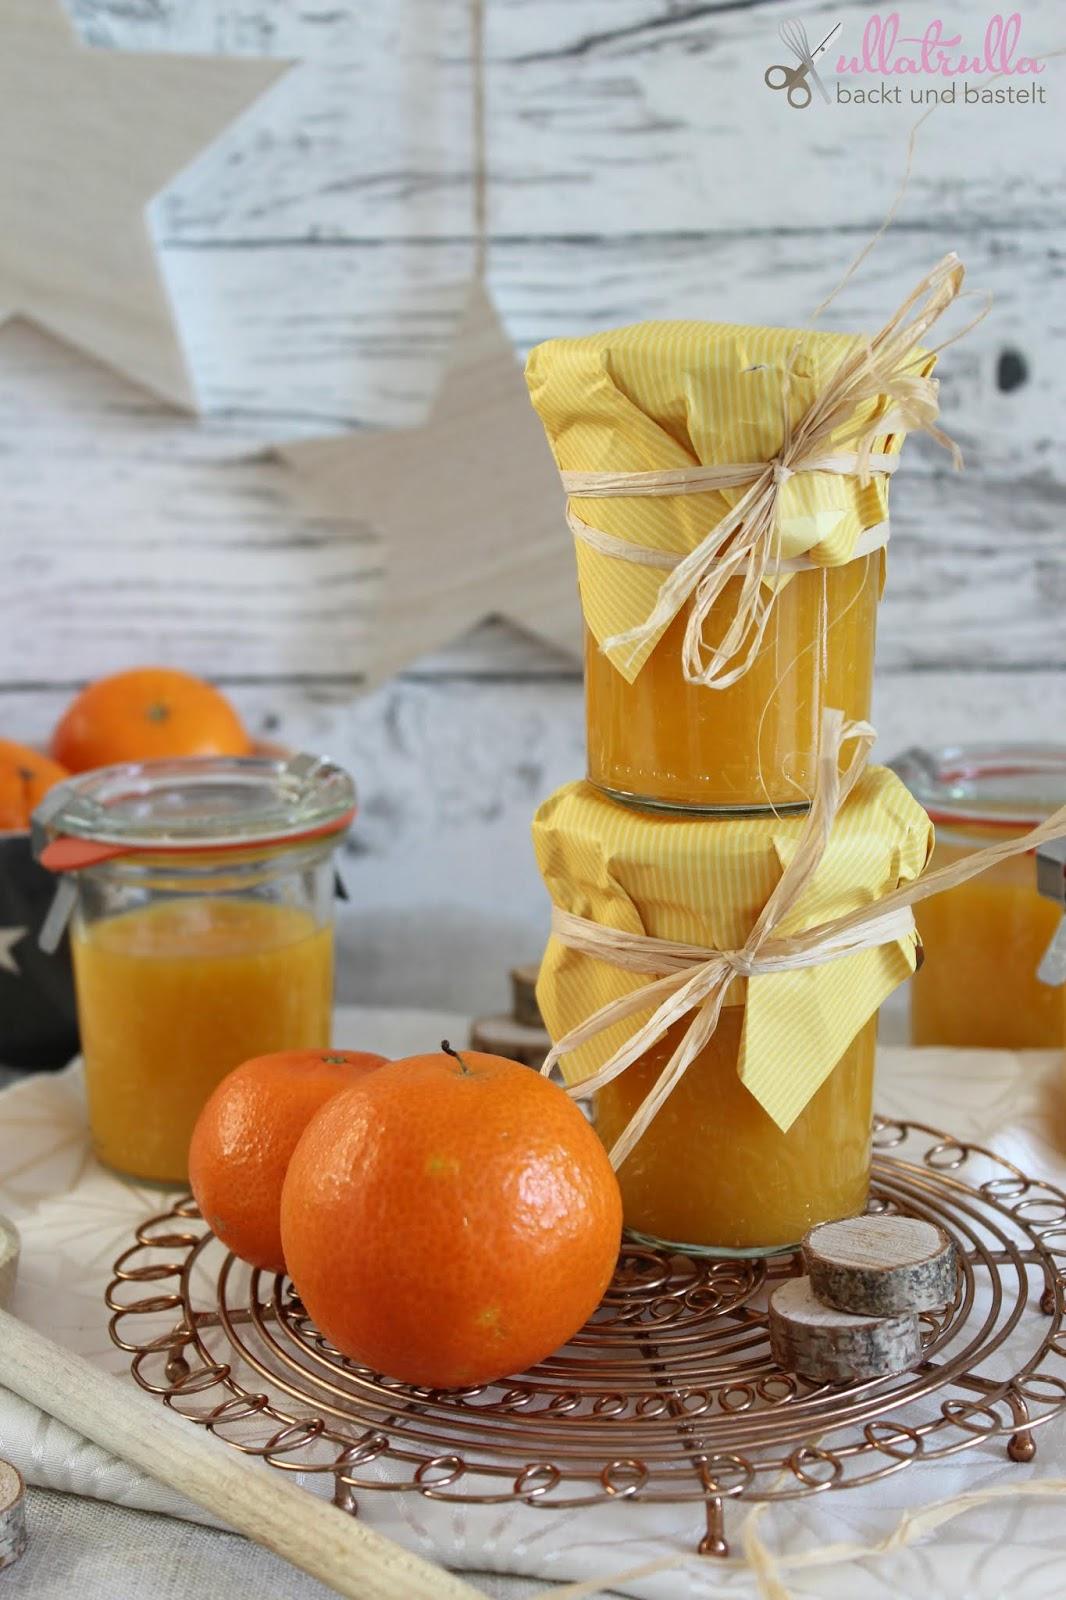 ullatrulla backt und bastelt: Mandarinenmarmelade: ein perfektes ...